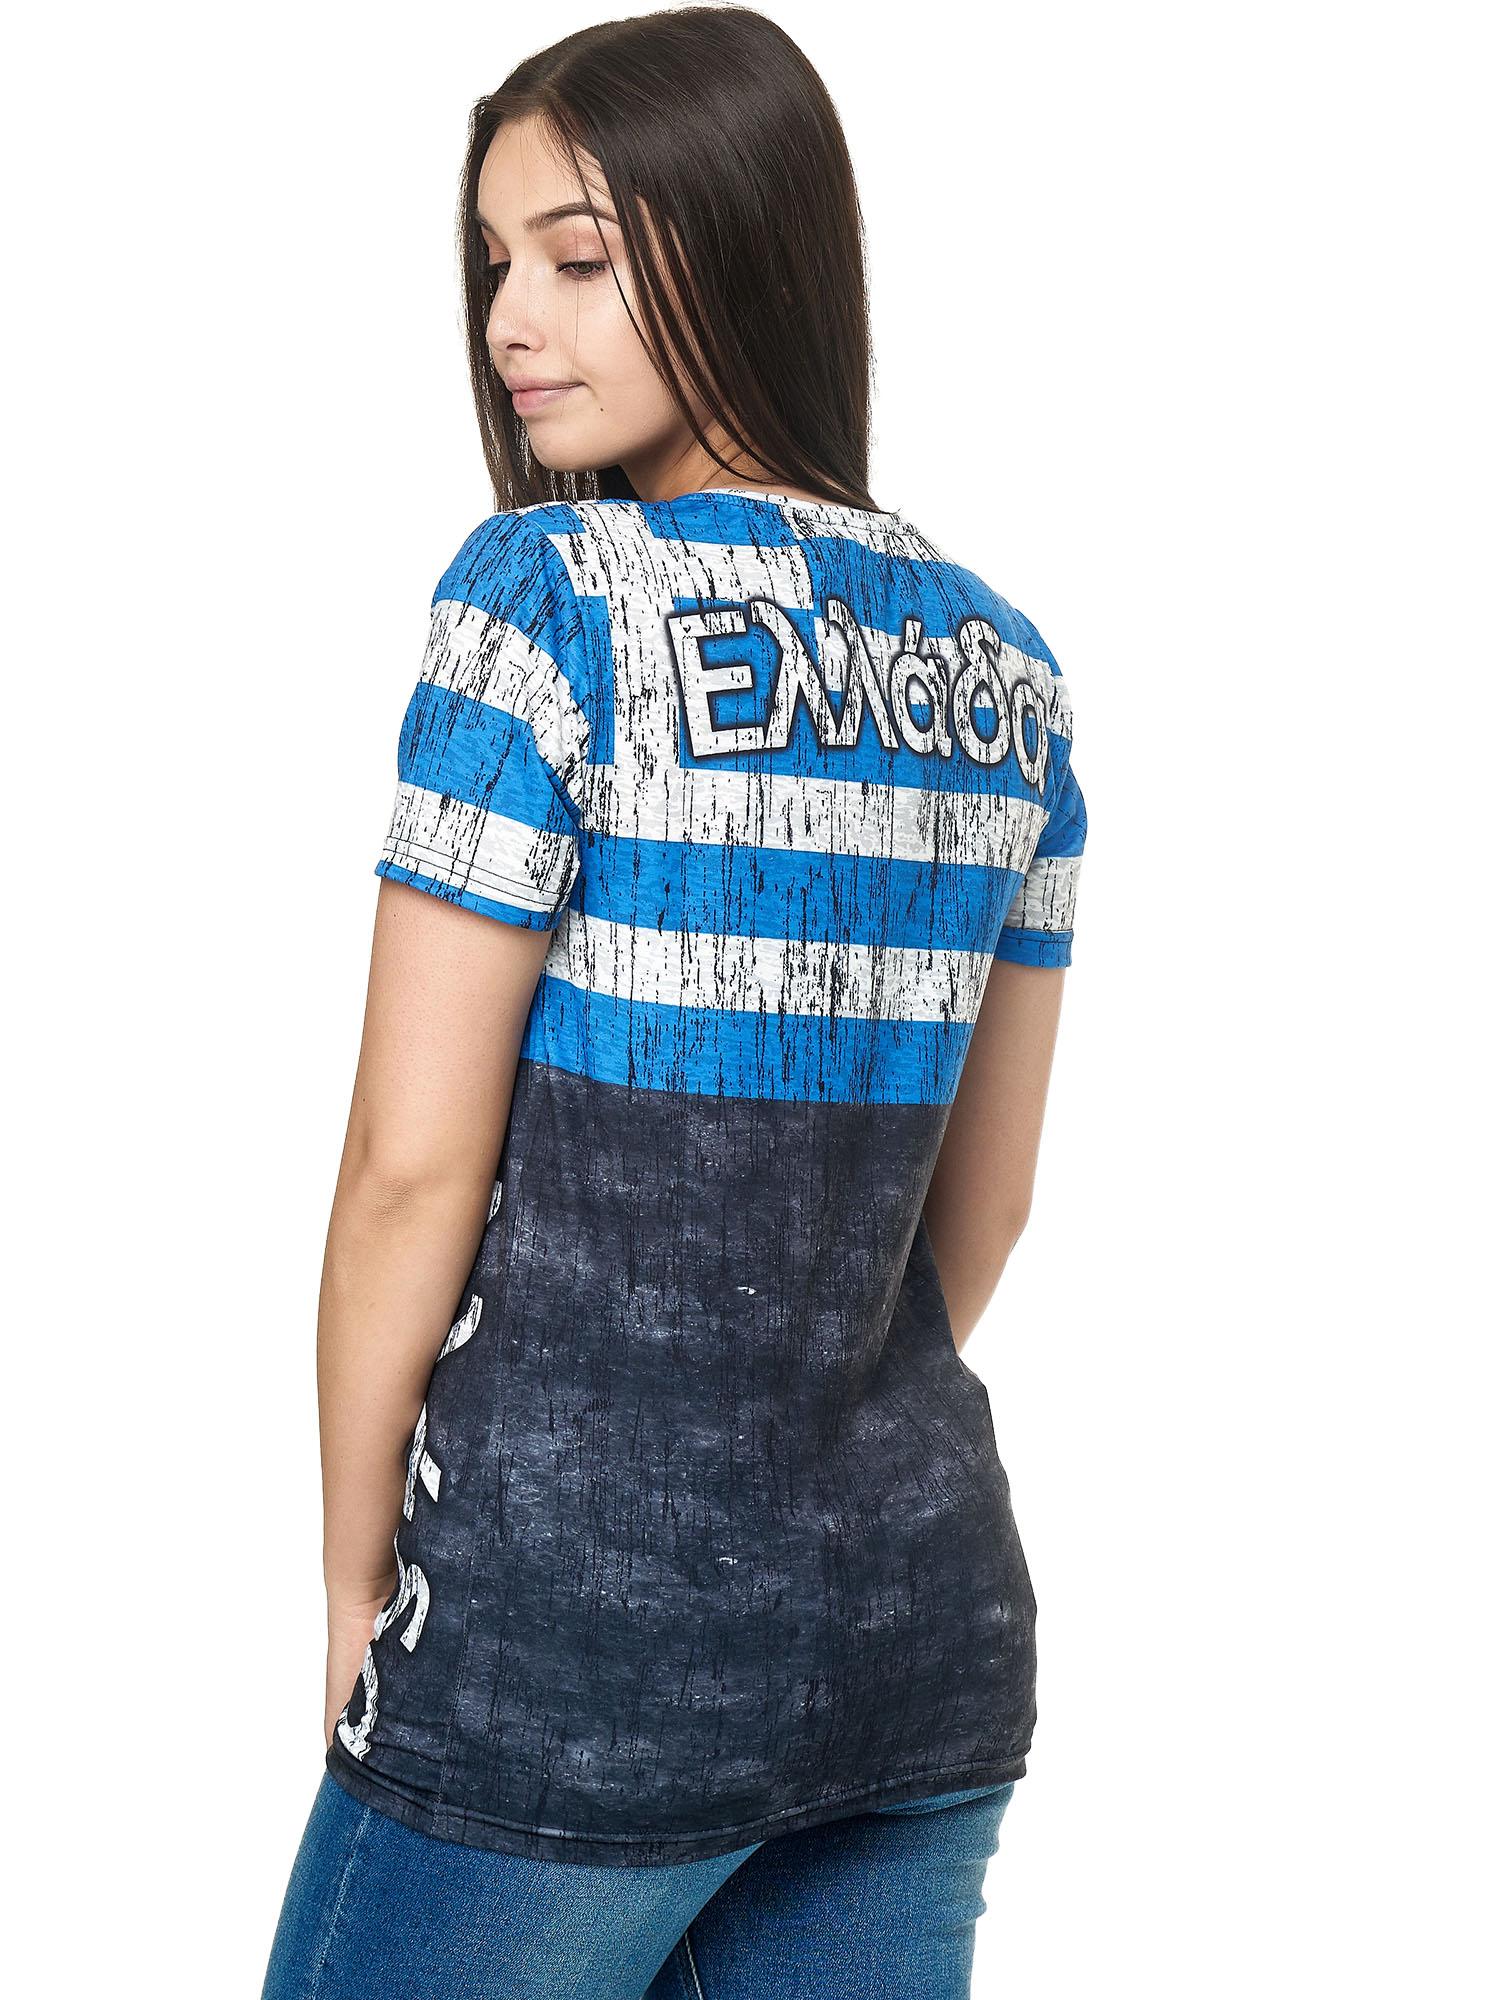 Paesi-da-Donna-T-shirt-A-Maniche-Corte-Girocollo-donne-CALCIO-Fanshirt-John-Kayna miniatura 54